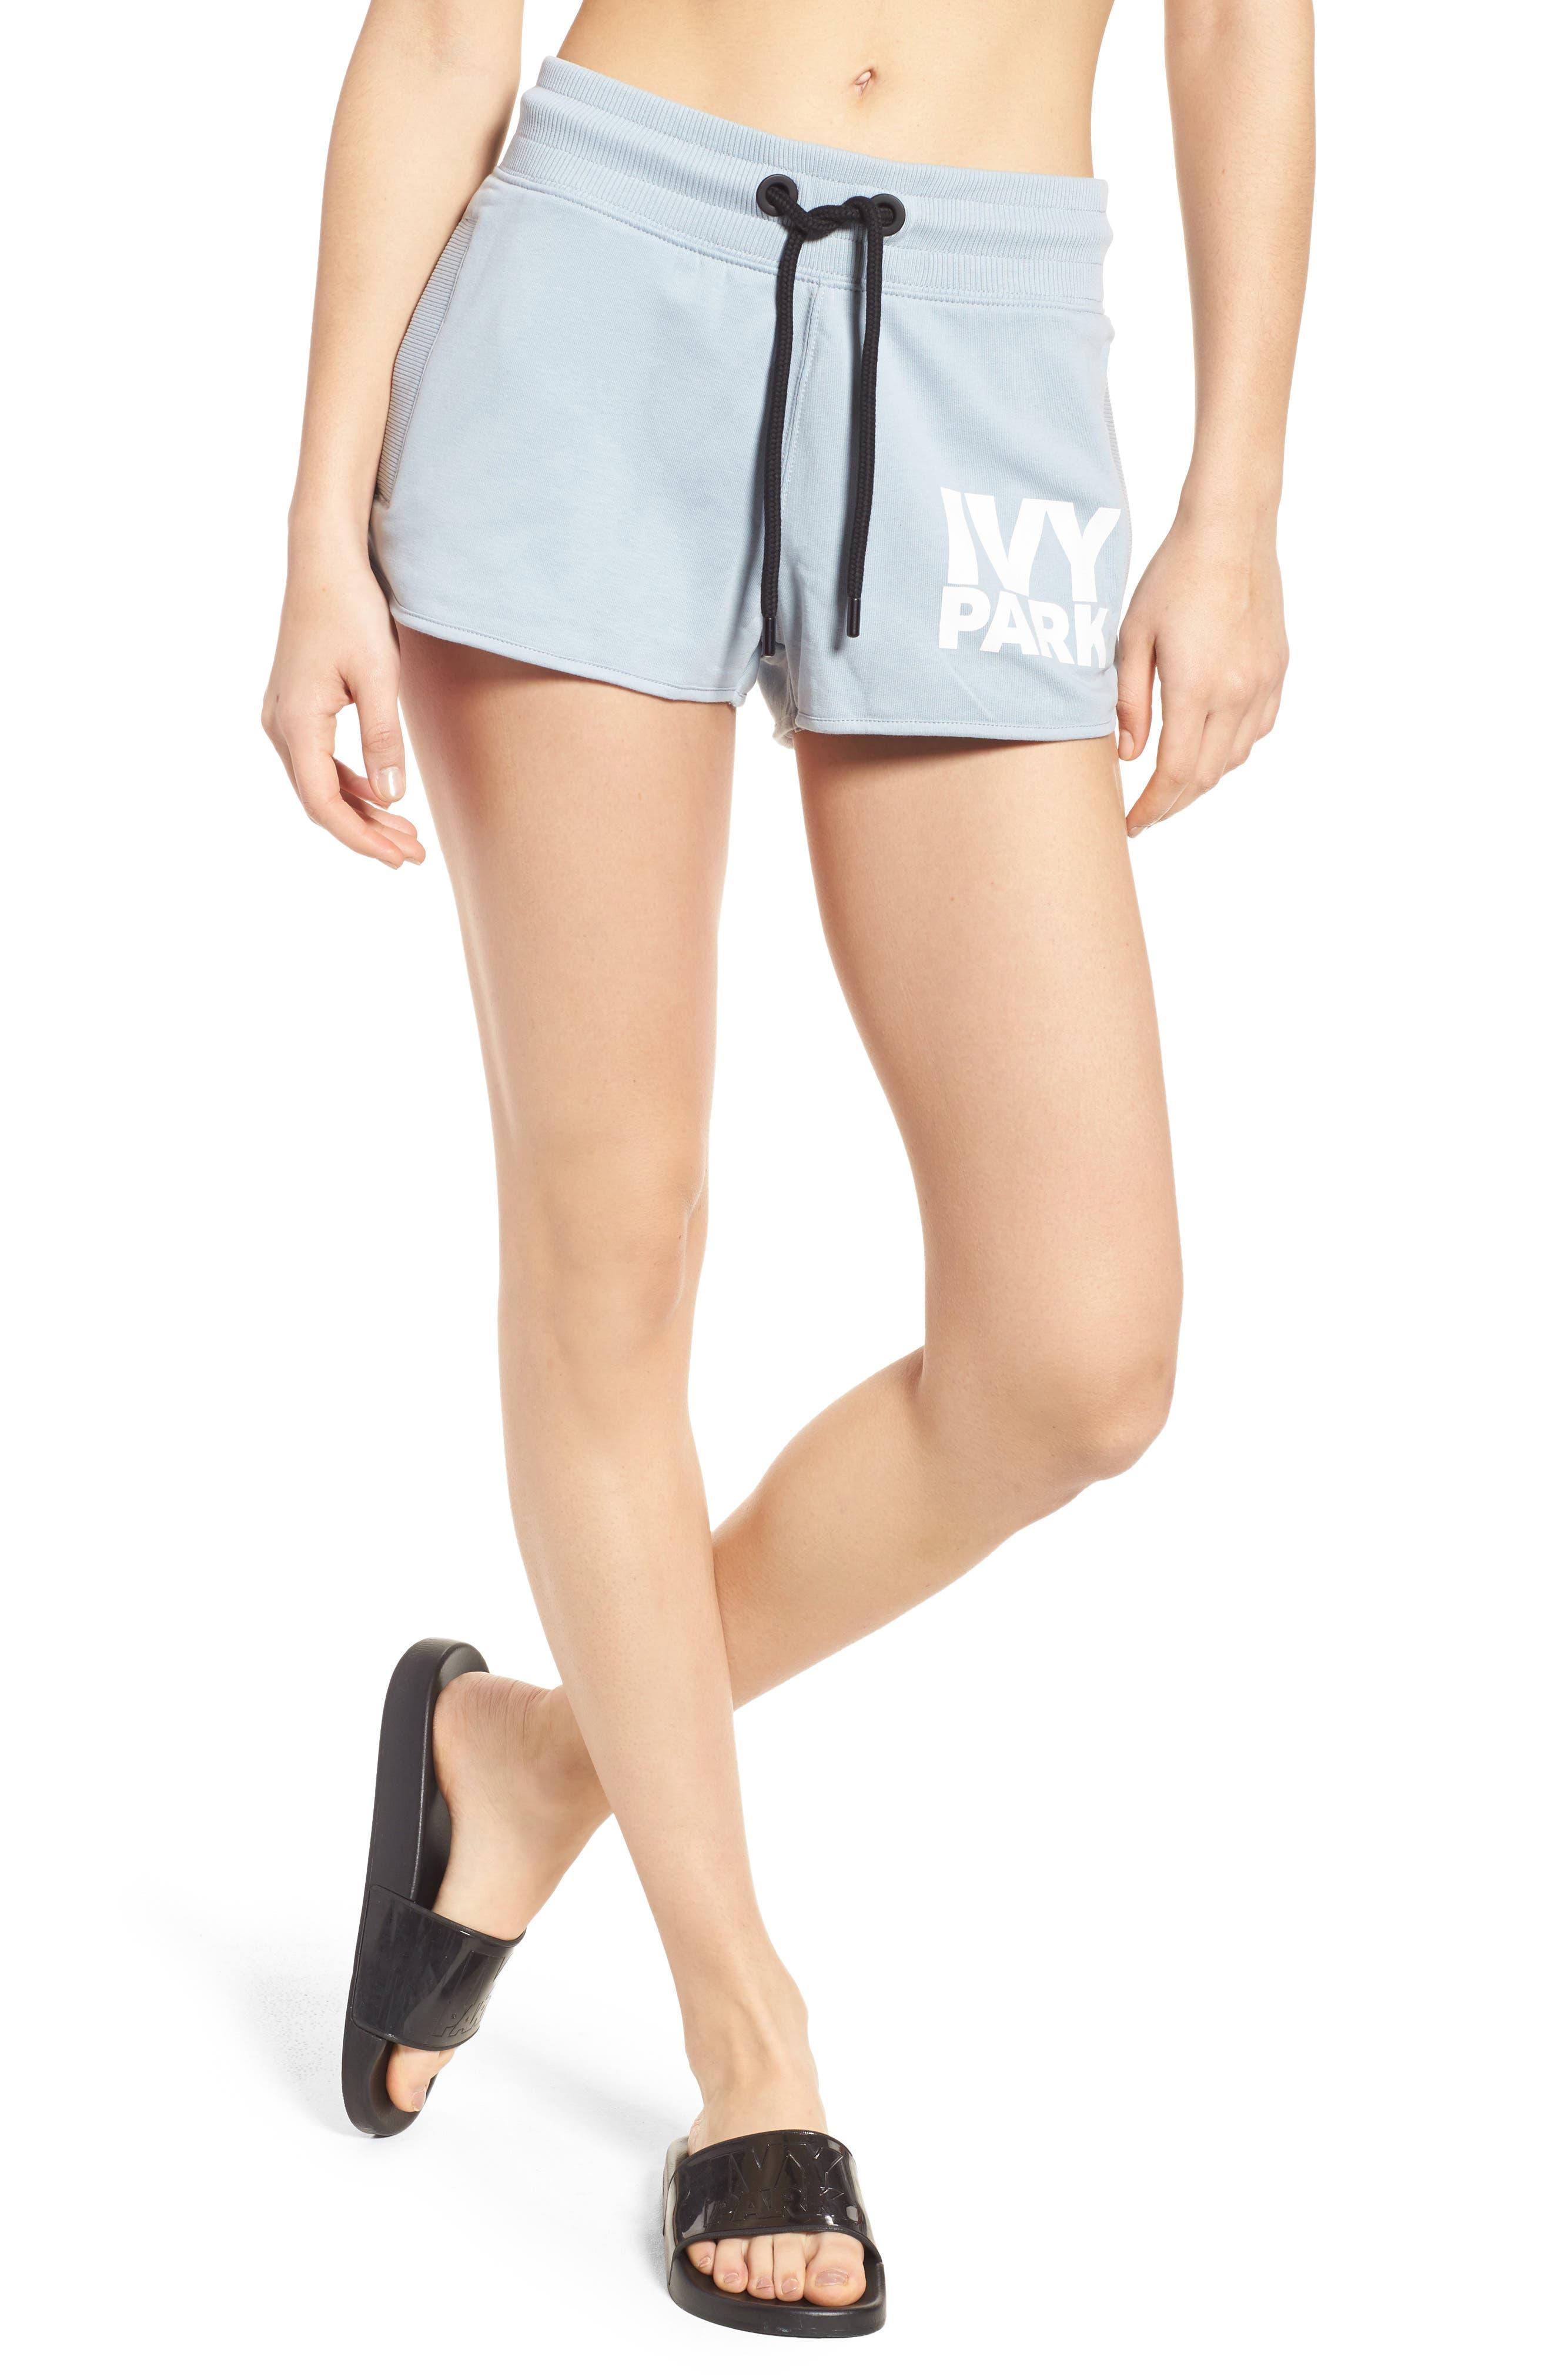 Main Image - IVY PARK® Logo Shorts